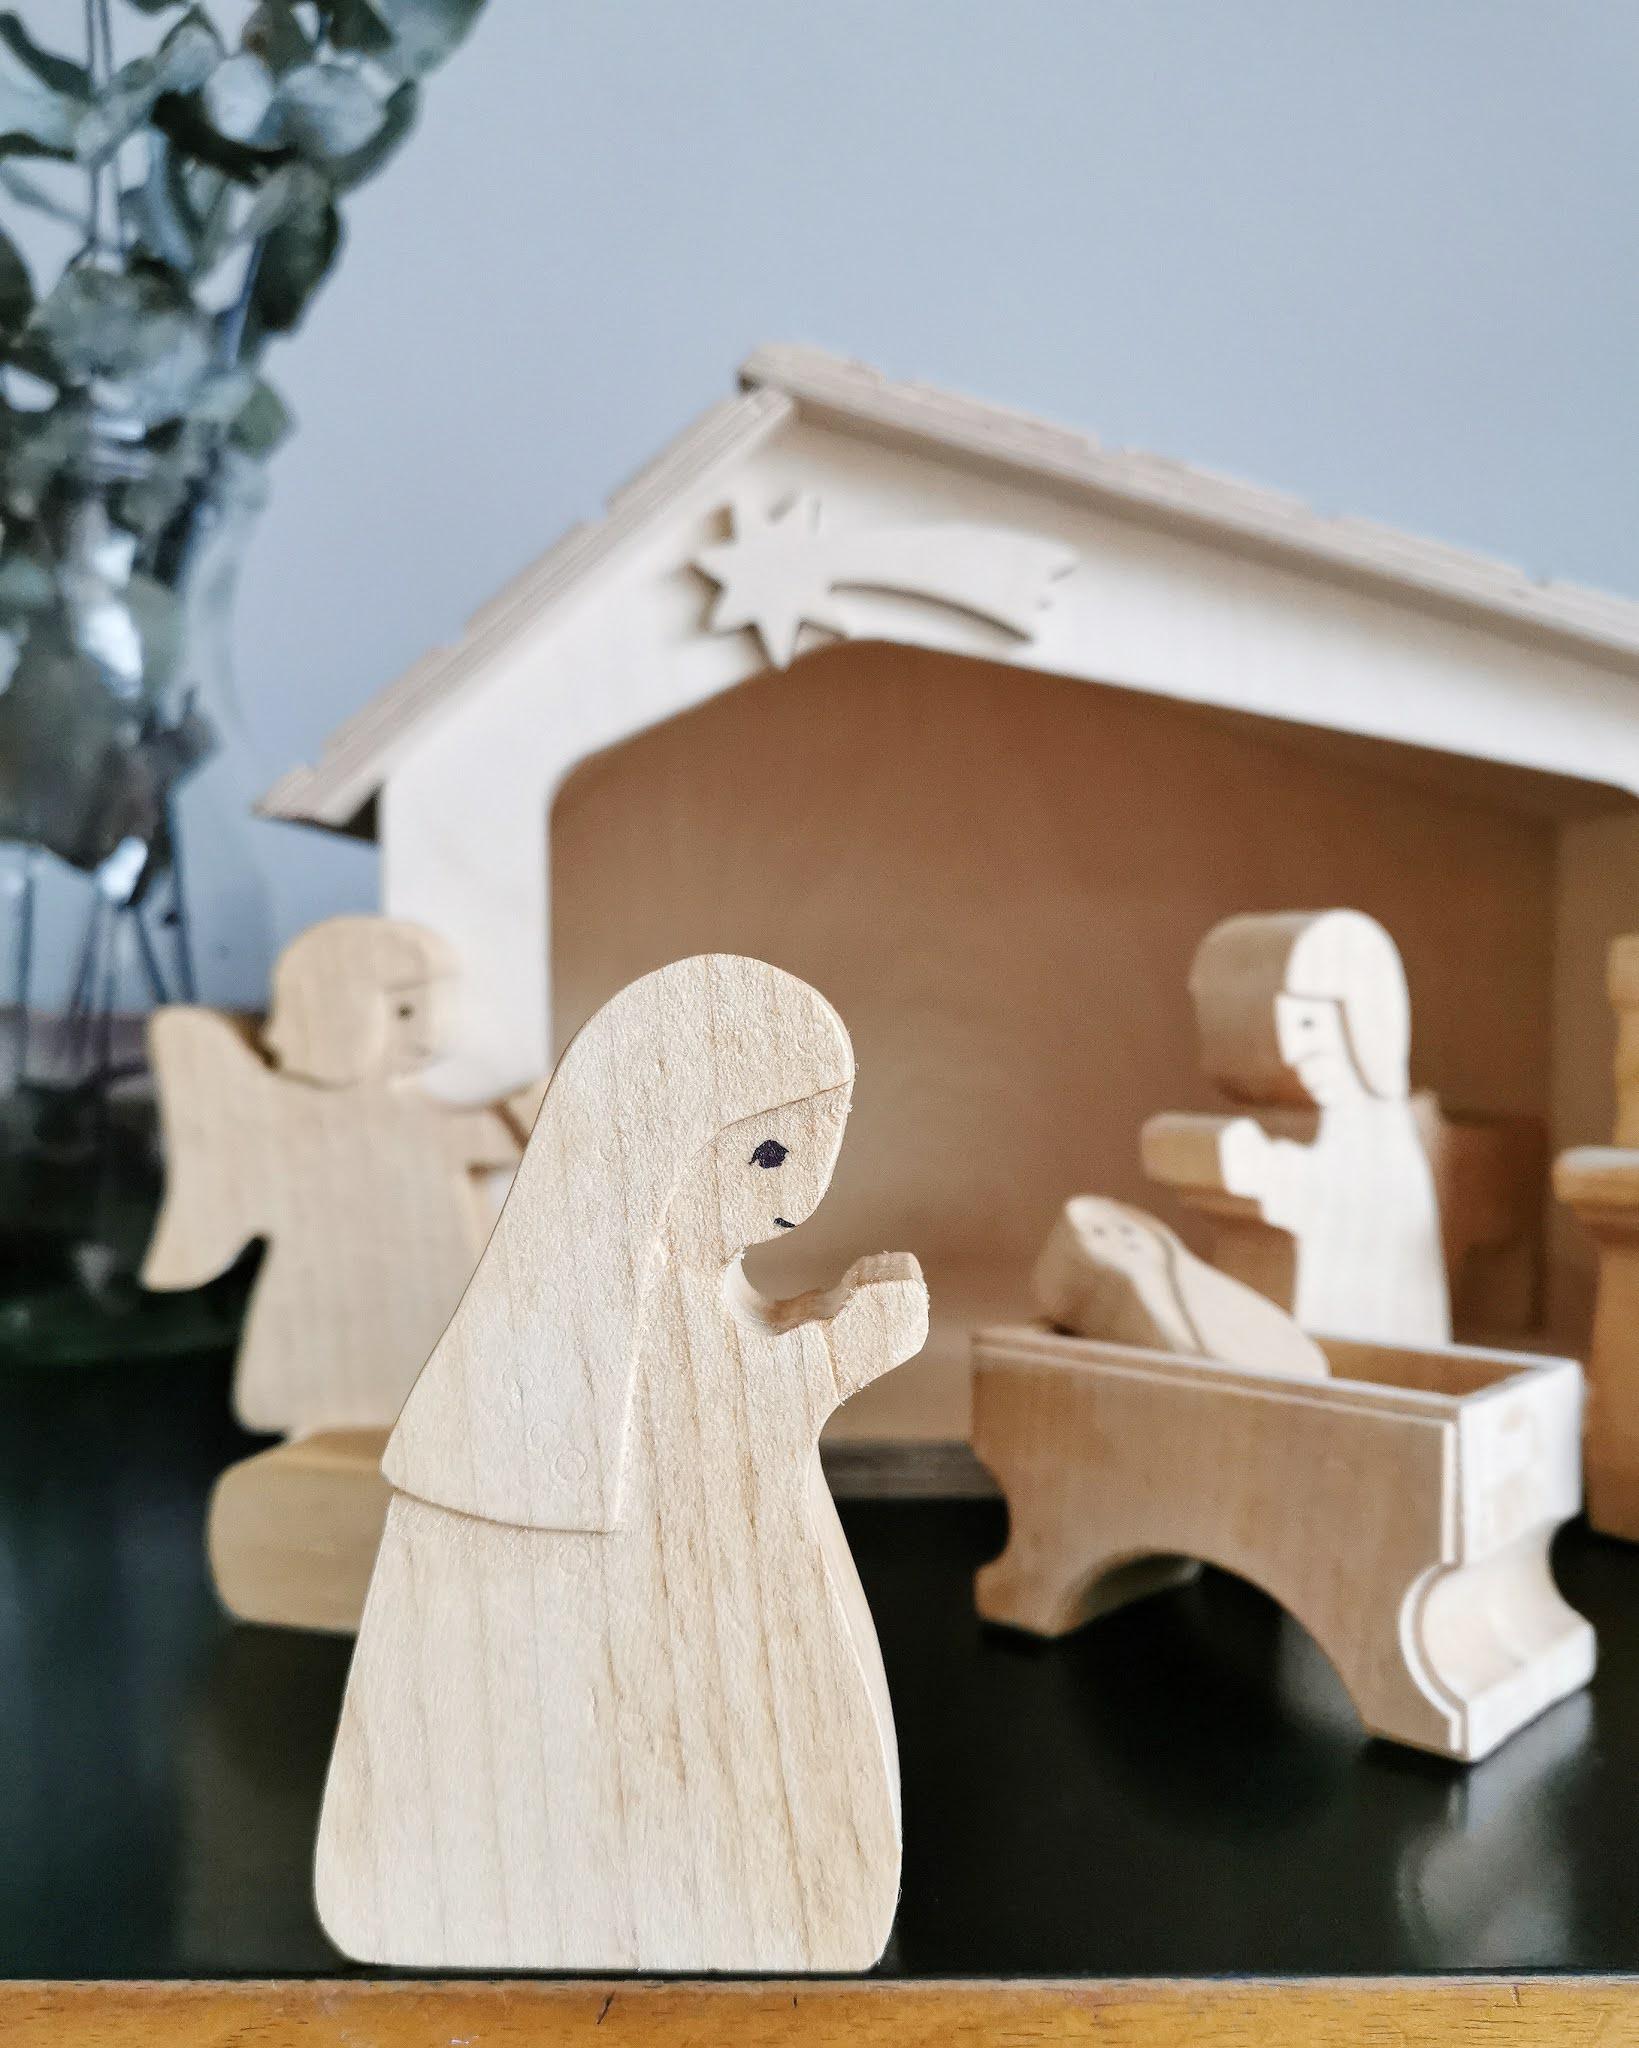 Geschenkideen von Herzen statt von der Stange, einzigartig und individuell: Die Krippe für Weihnachten Figuren und Tieren aus hellem und dunklen Holz von Holzlinge und Dinge / Mehr schöne Geschenkideen gibt es auf judetta.de